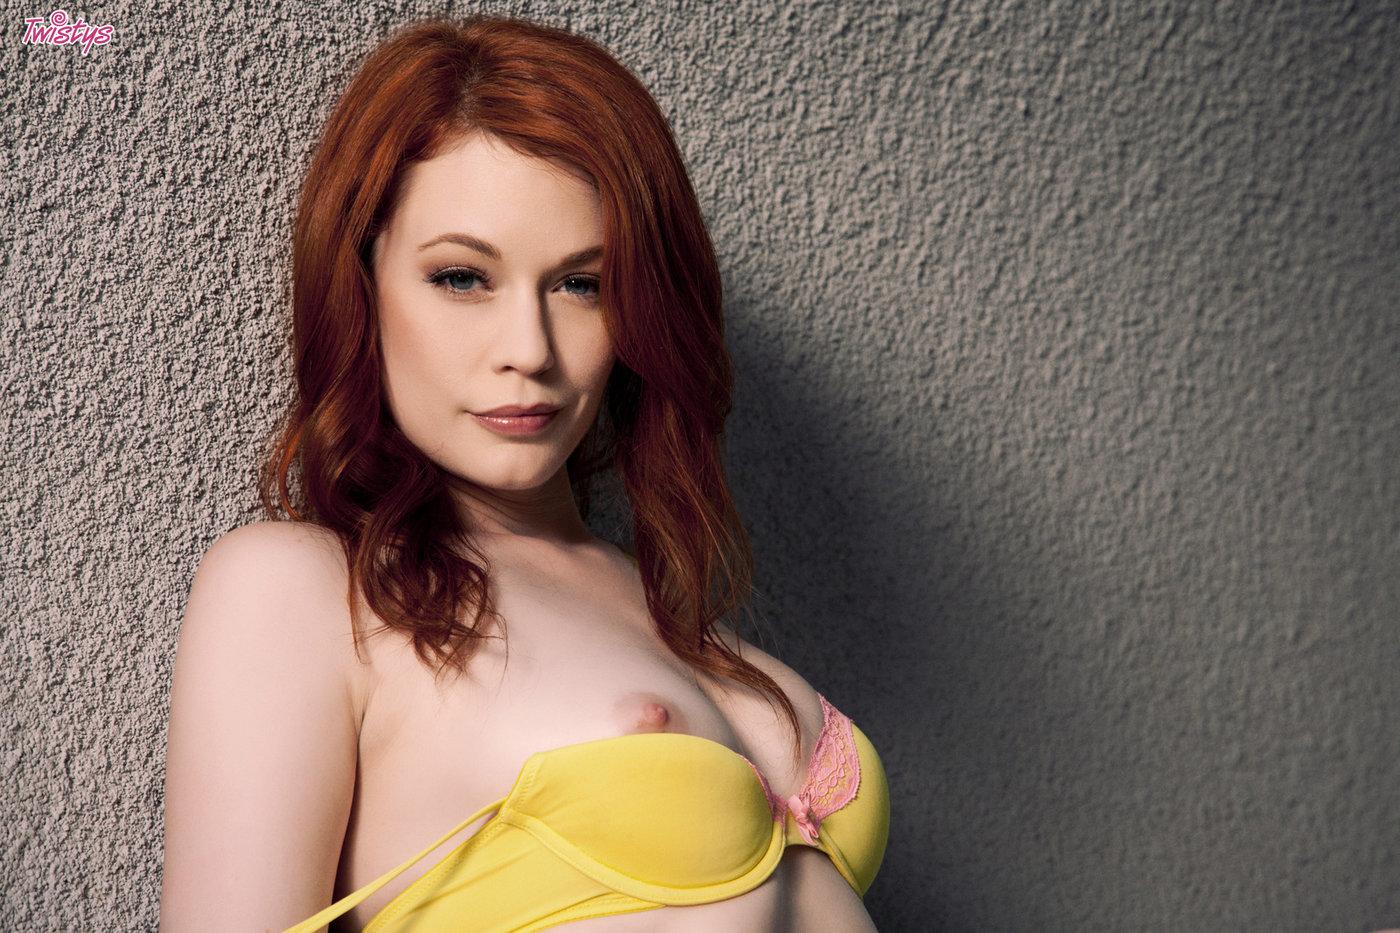 Список рыжих порнозвезд, красивая блондинка с аппетитной фигурой